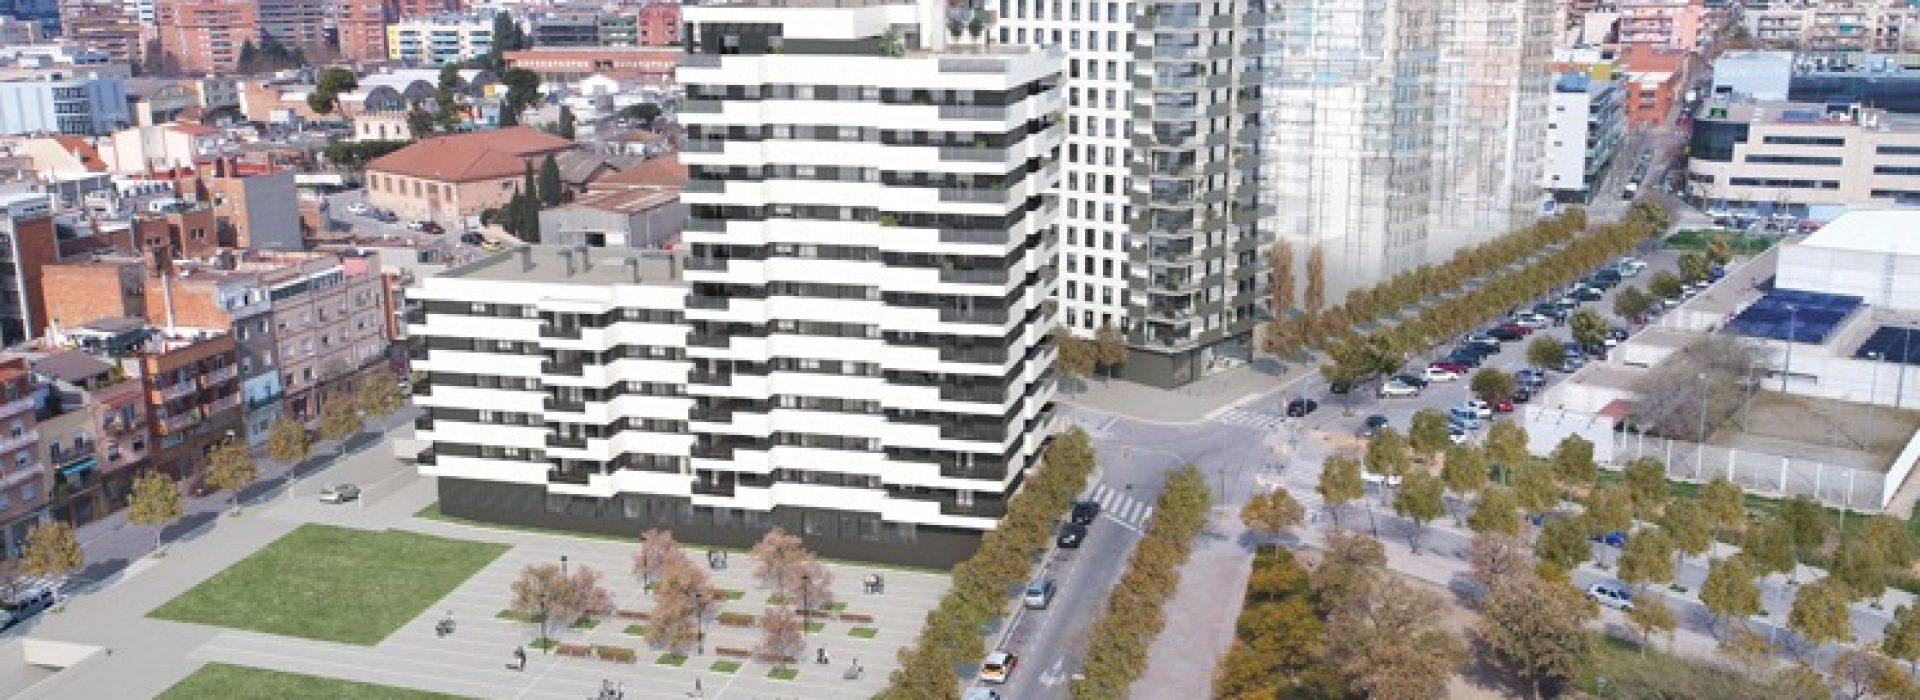 residencial-estronci-9101